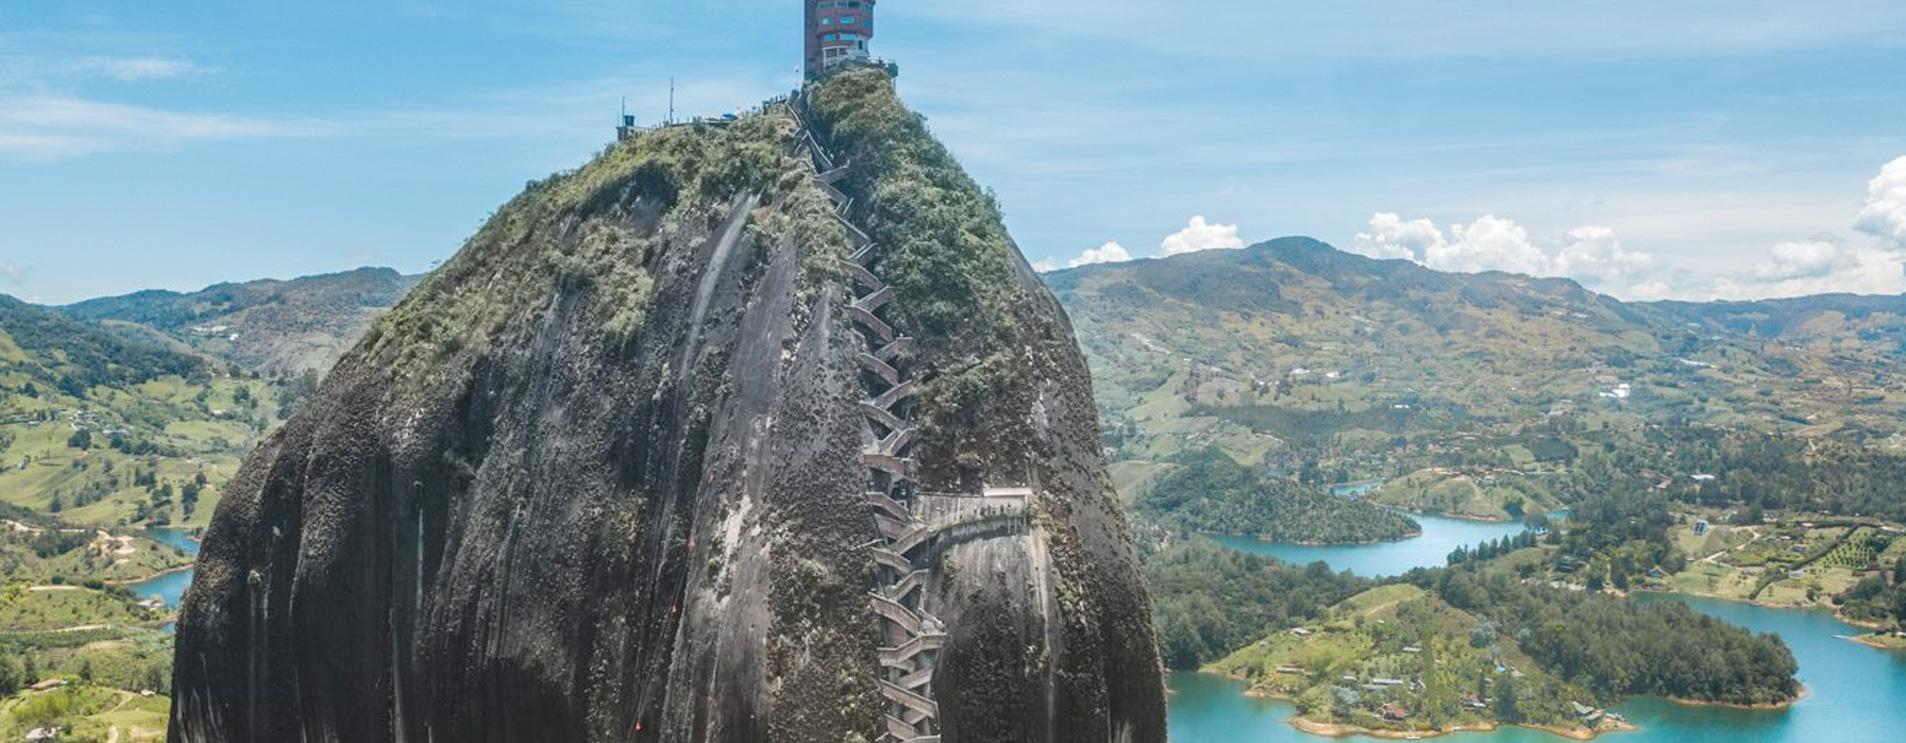 GUATAPE-PIEDRA_DEL_PENOL